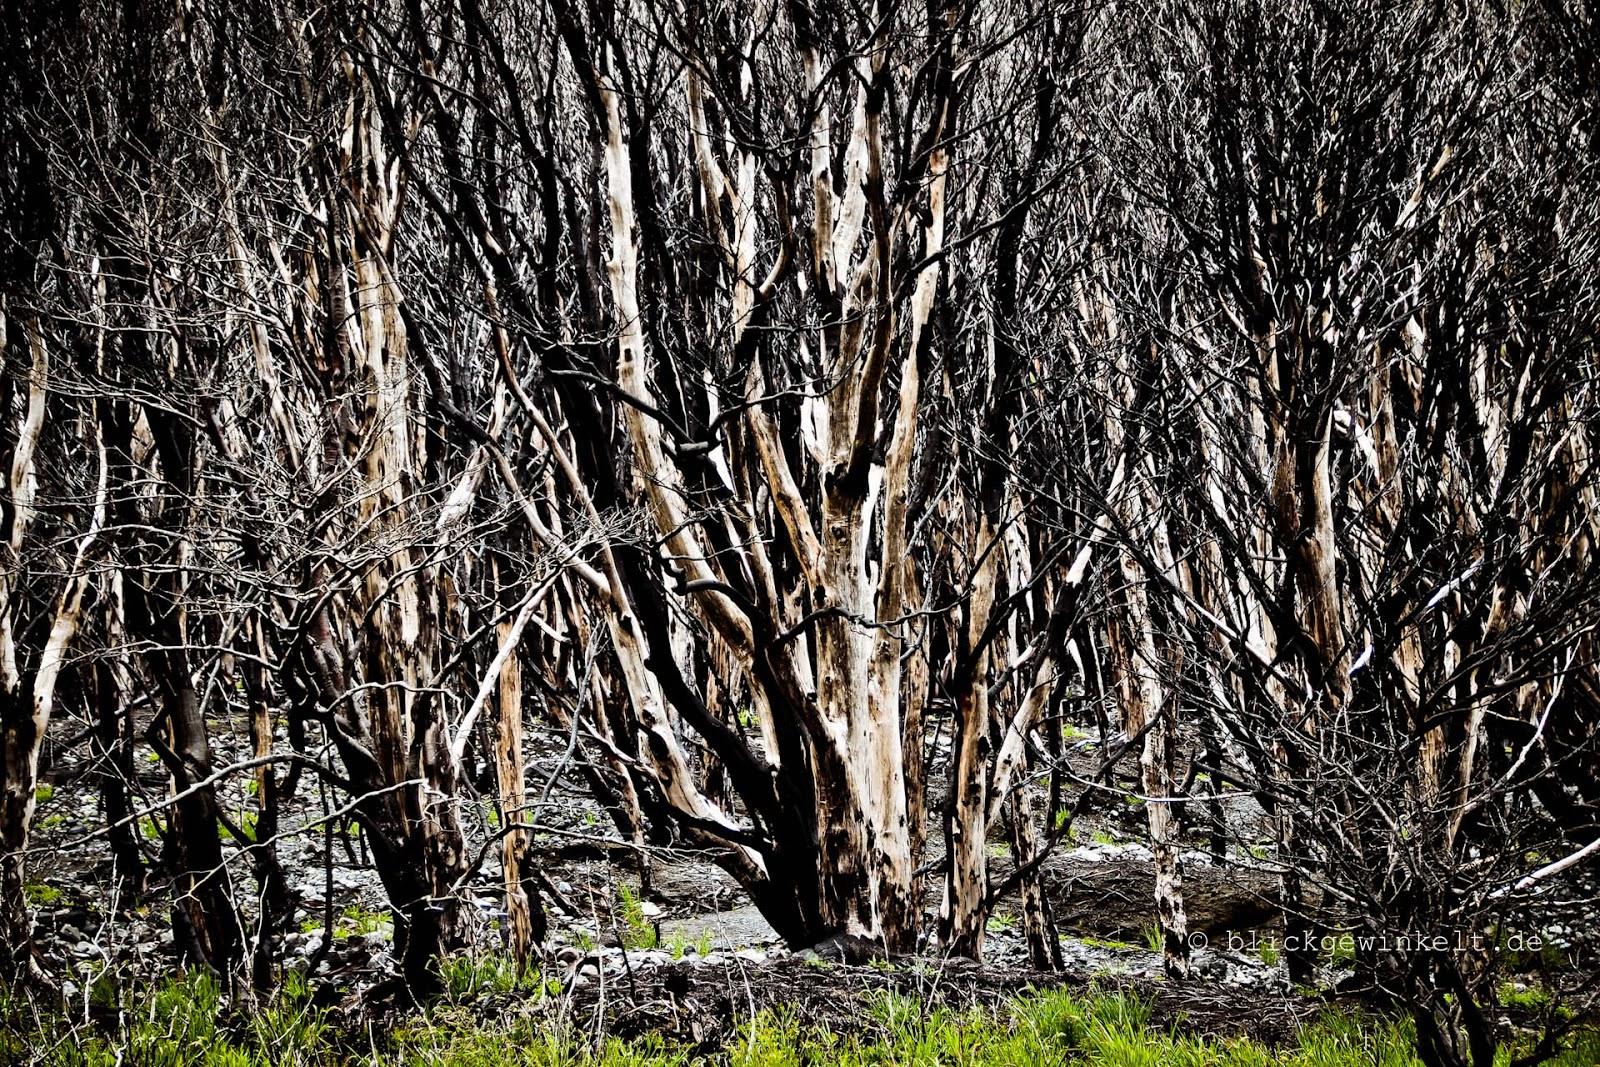 Überreste des großen Feuers im Torres del Paine